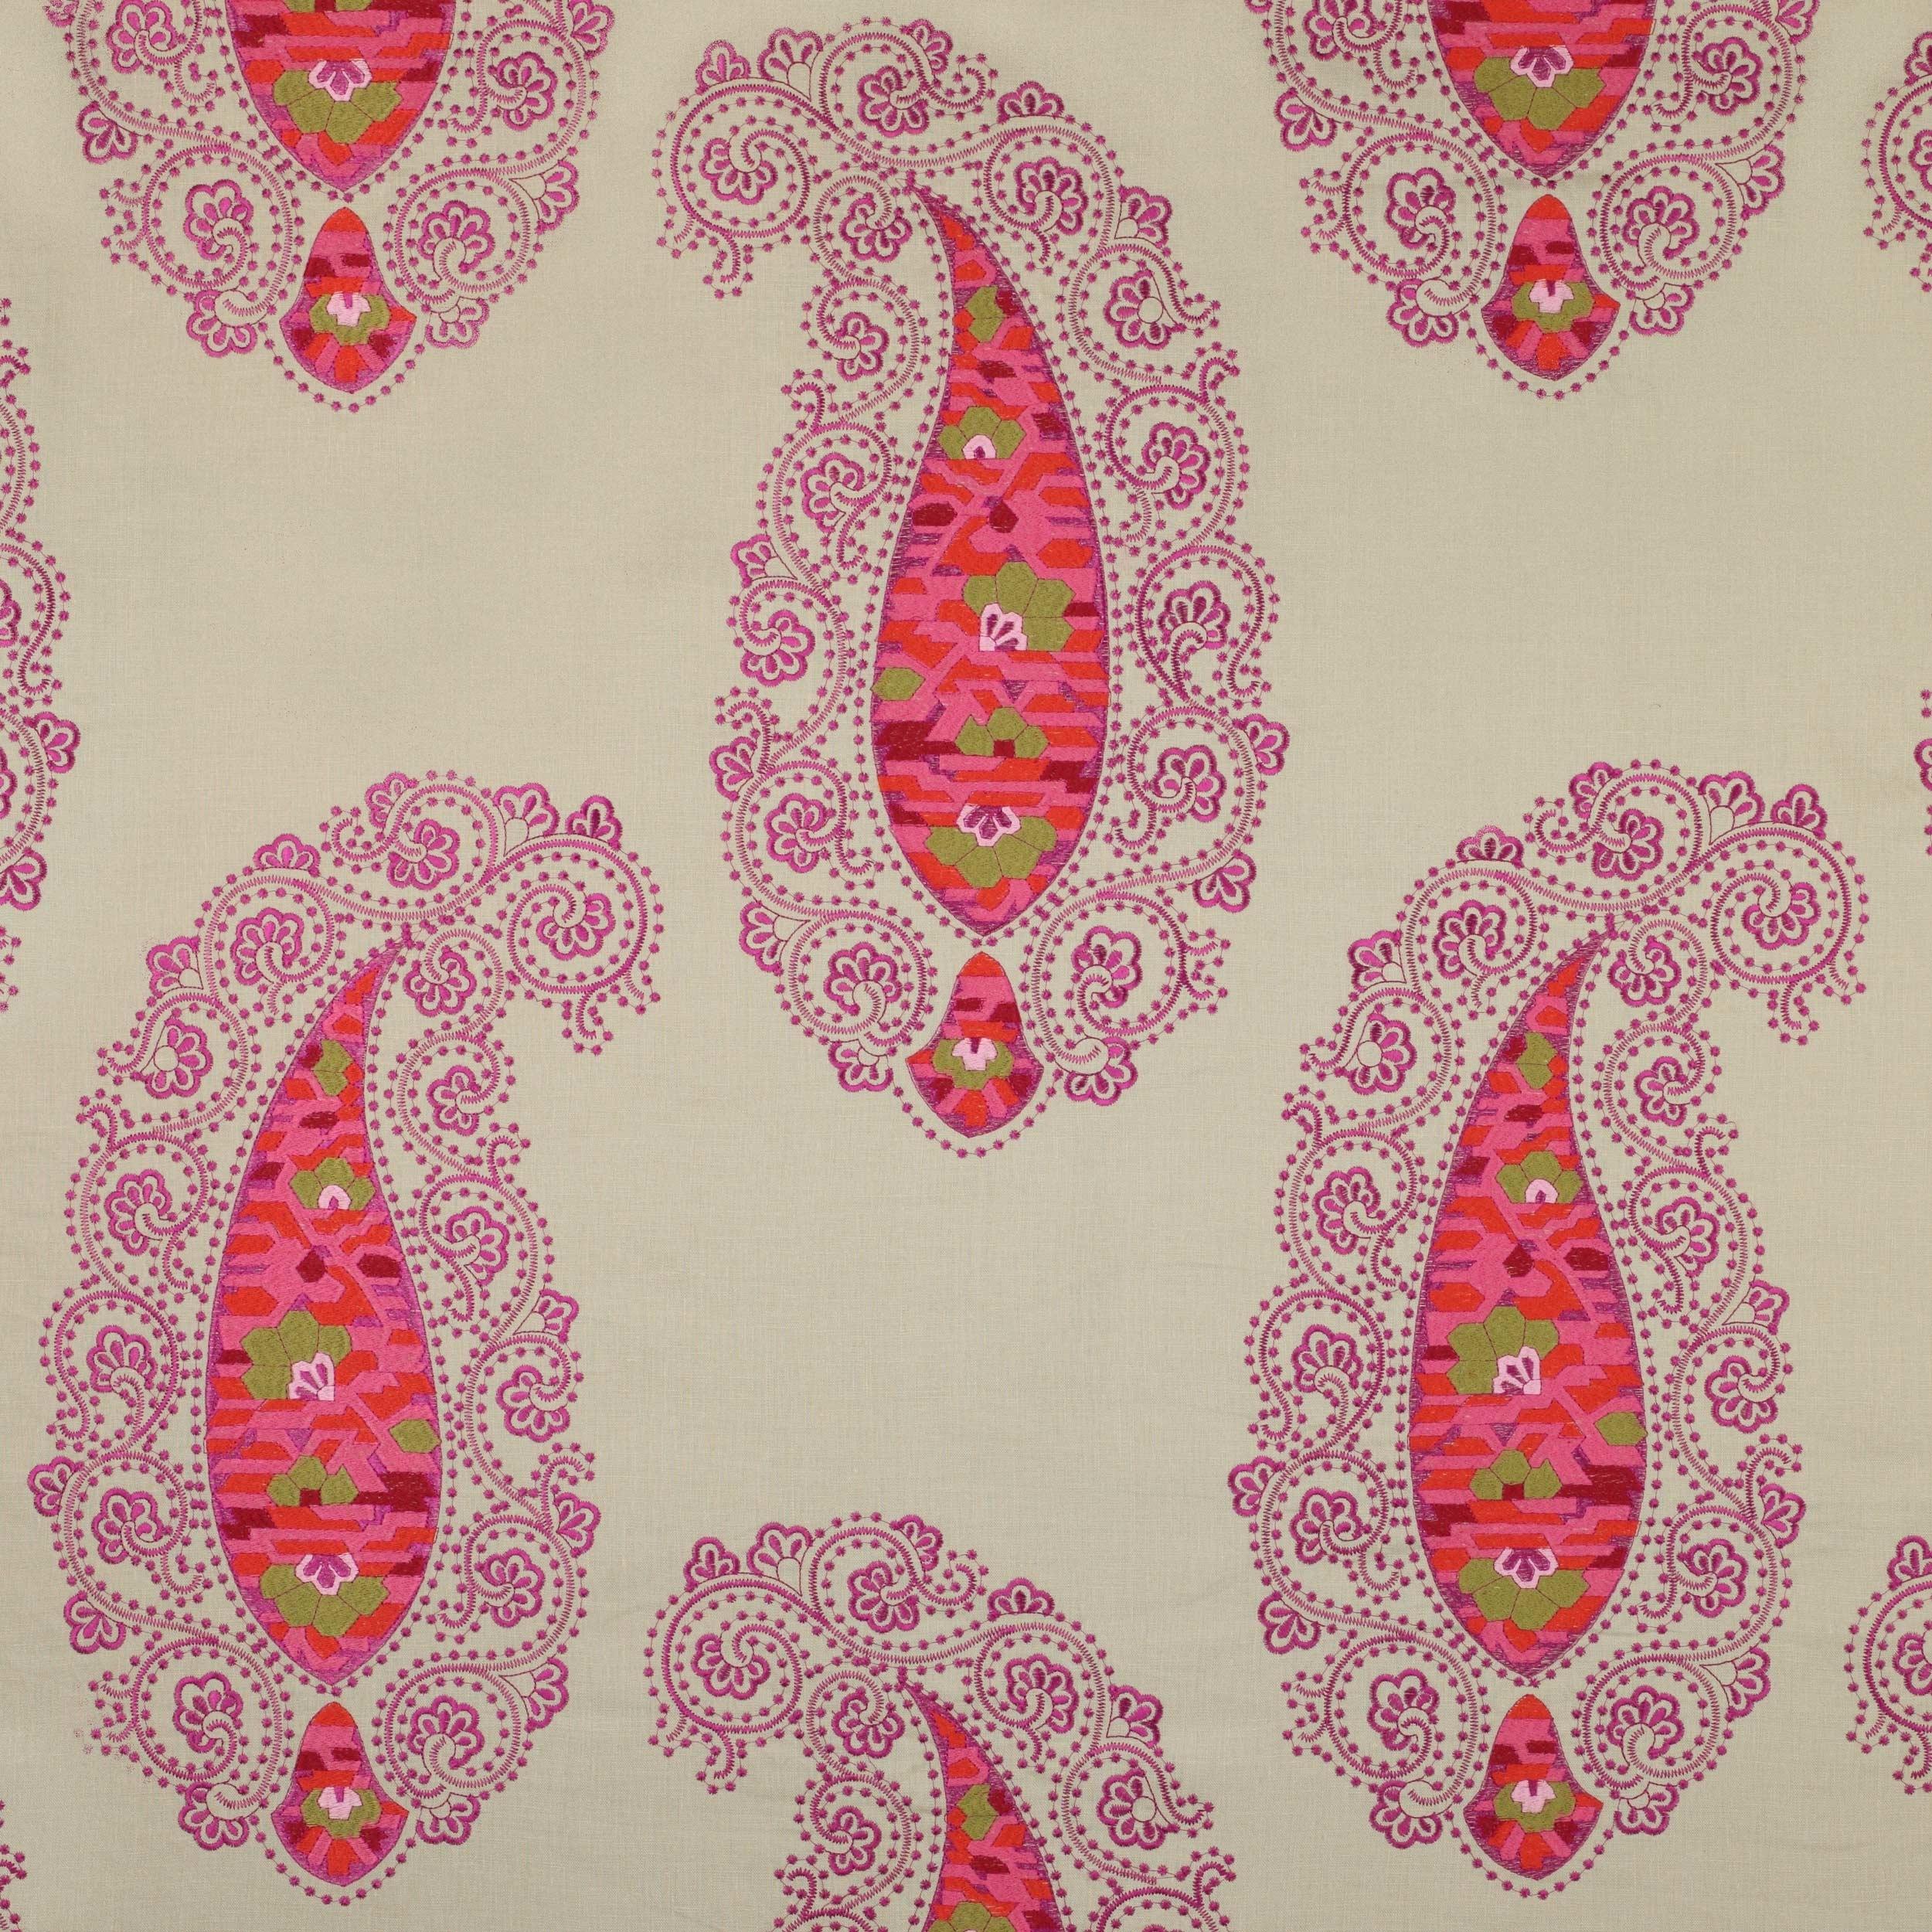 Tissu hisar s l ction de tissus etnique le boudoir des etoffes - Tissu manuel canovas ...